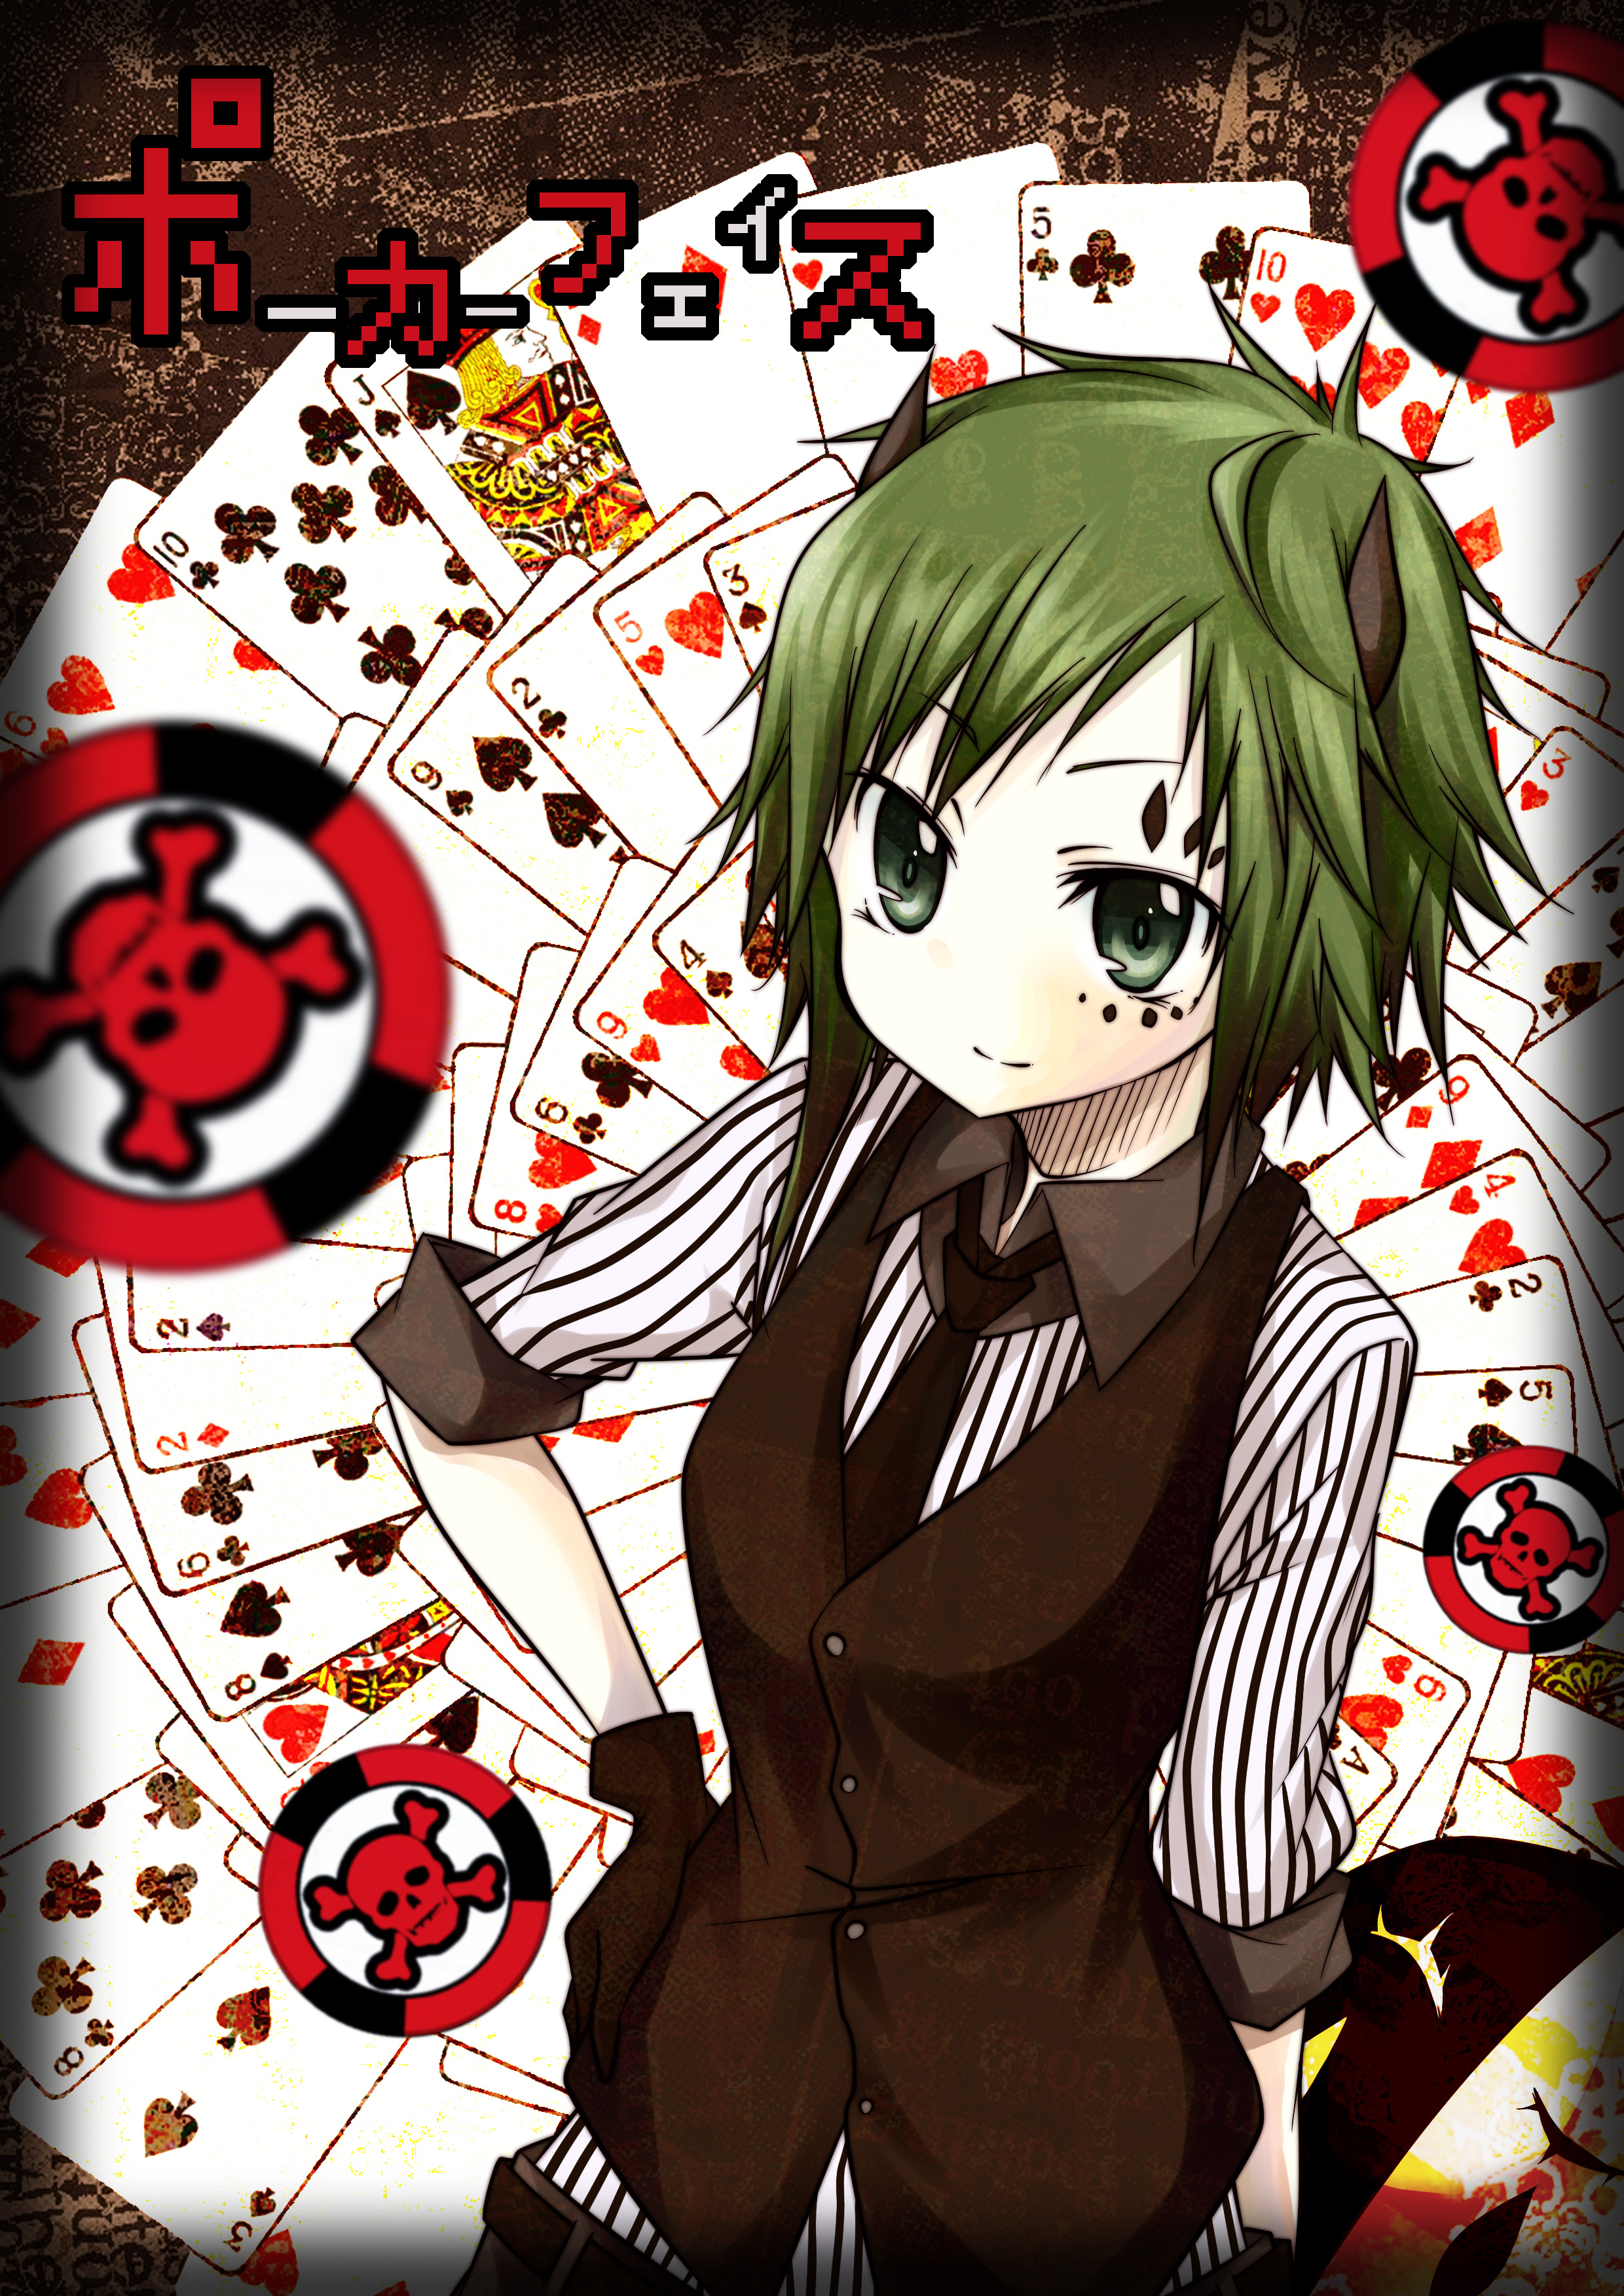 Poker Face | page 6 of 10 - Zerochan Anime Image Board